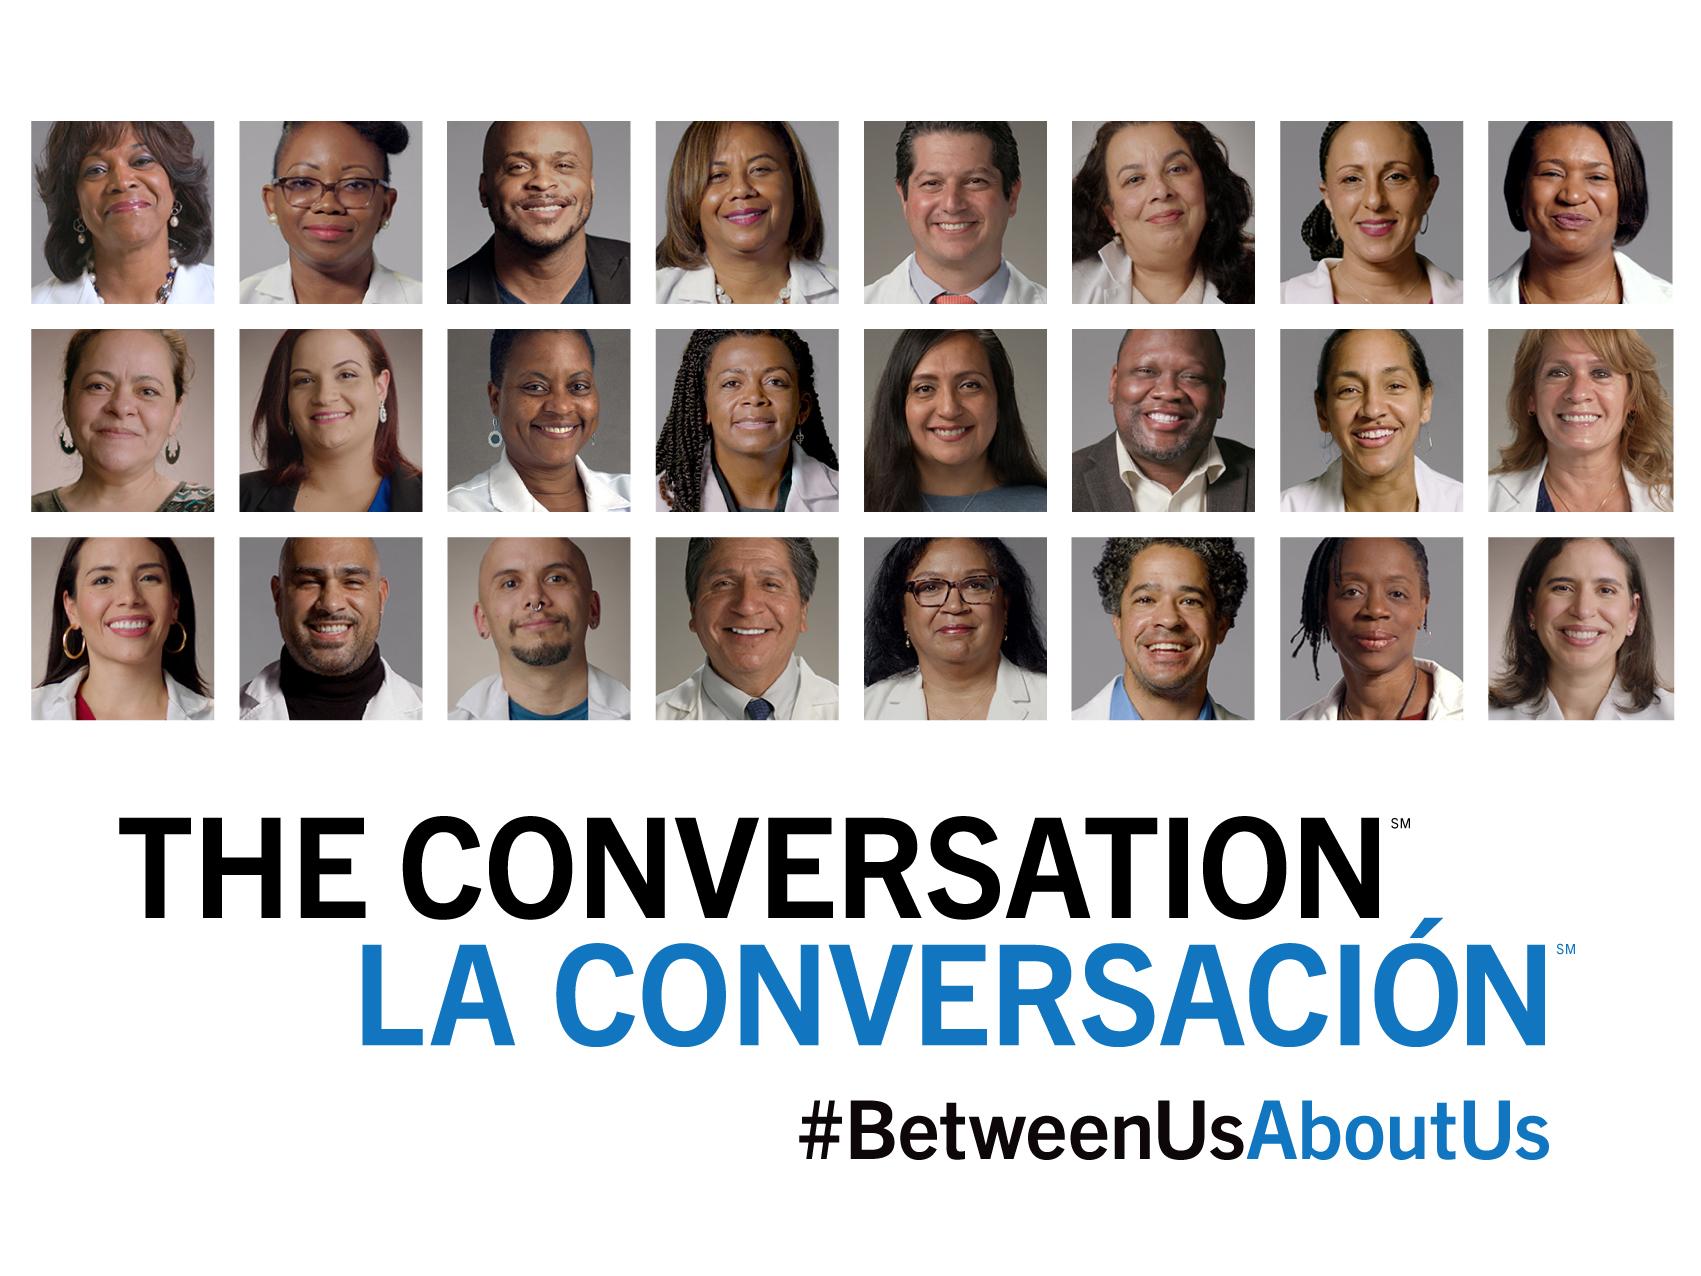 THE CONVERSATION/LA CONVERSACIÓN #BetweenUsAboutUs - All Health Care Workers